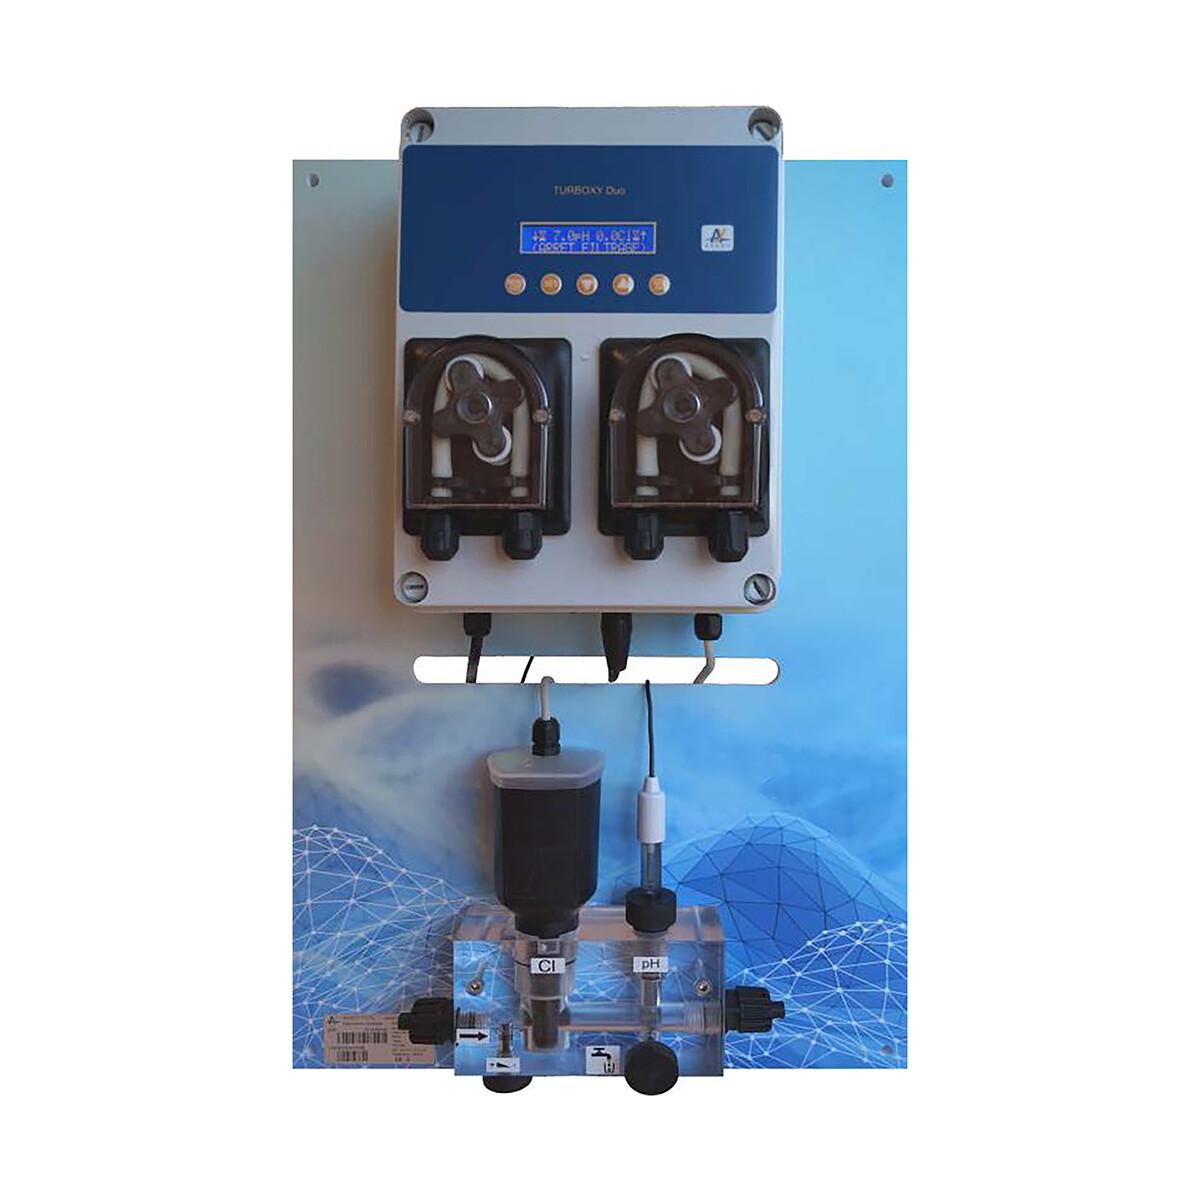 Smart Wasseraufbereitungssystem PAN-TURBOXY Duo pH 1,5 l/h Cl 3,0 l/h ppm (amperometrisch) Temp. freie Chlormessung inkl. WEB Anbindung, für private Schwimmbecken und öffentliche Becken, System auf Pa